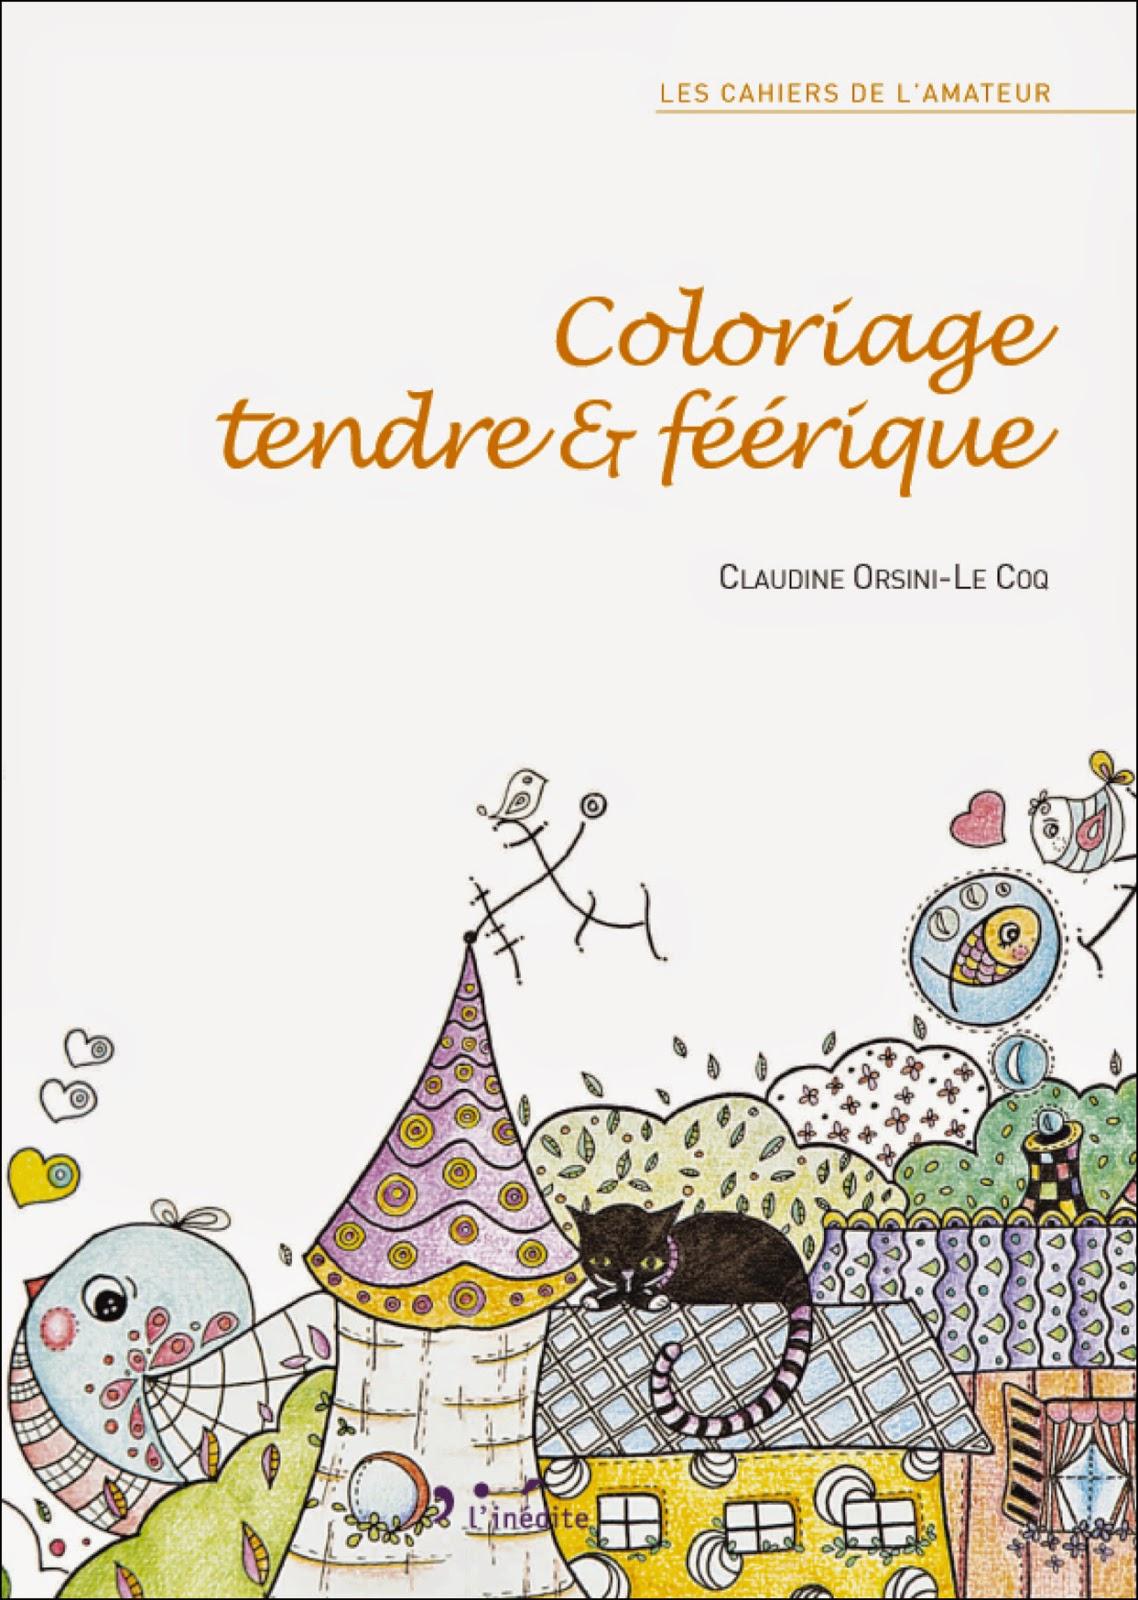 http://bit.ly/livre-coloriage-feerique